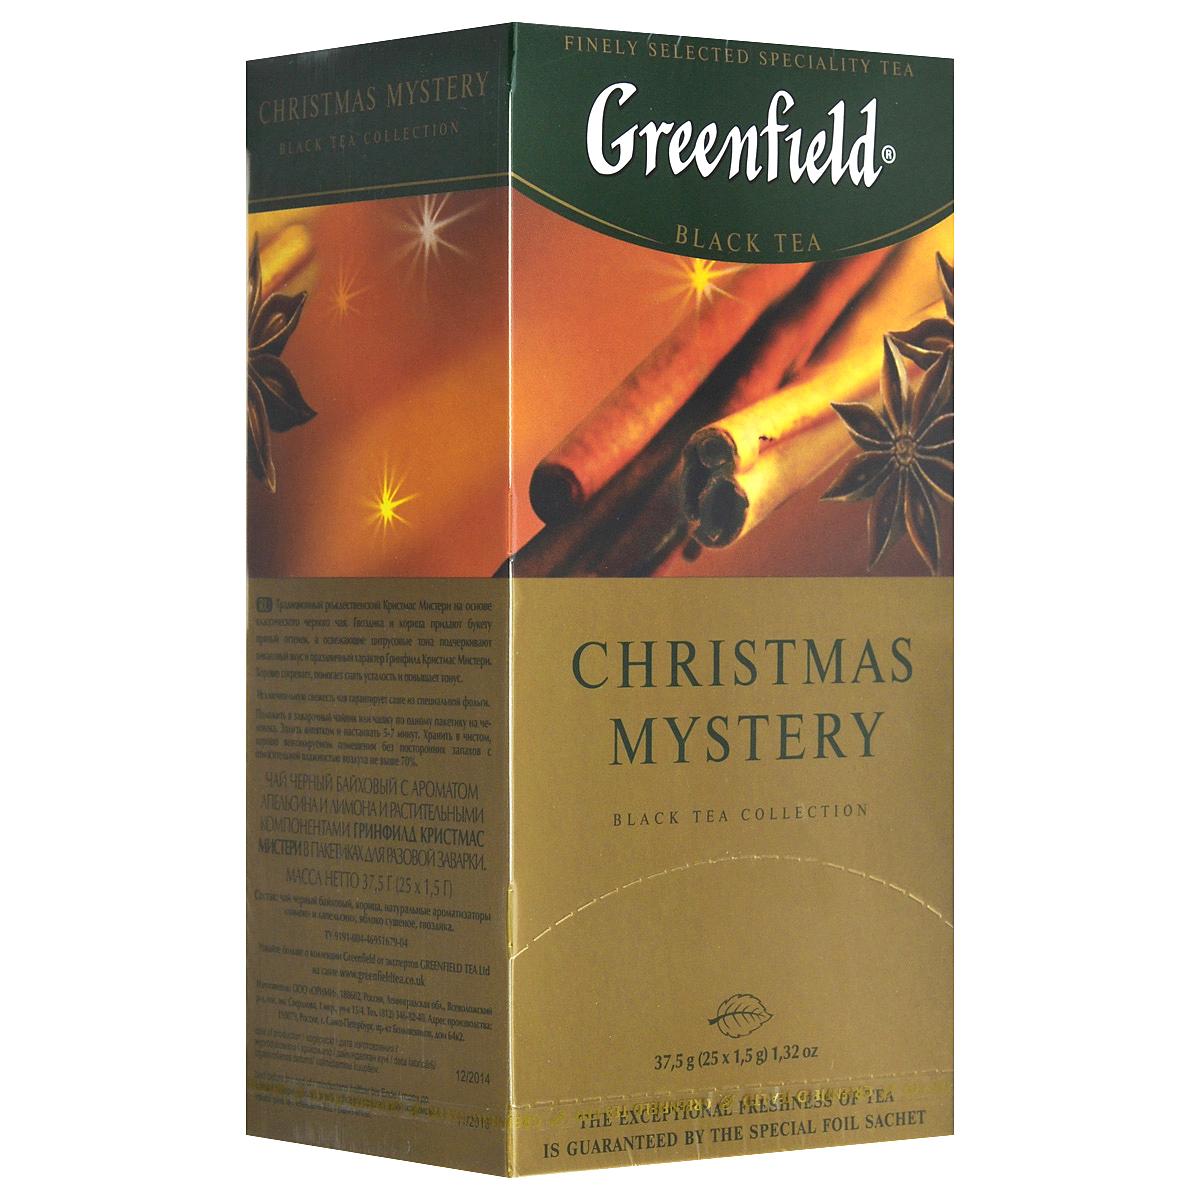 Greenfield Christmas Mystery черный чай в пакетиках, 25 шт0120710Традиционный рождественский Greenfield Christmas Mystery на основе классического черного чая. Гвоздик и корица придают букету пряный оттенок, а освежающие цитрусовые тона подчеркивают пикантный вкус и праздничный характер Greenfield Christmas Mystery. Хорошо согревает, помогает снять усталость и повышает тонус.